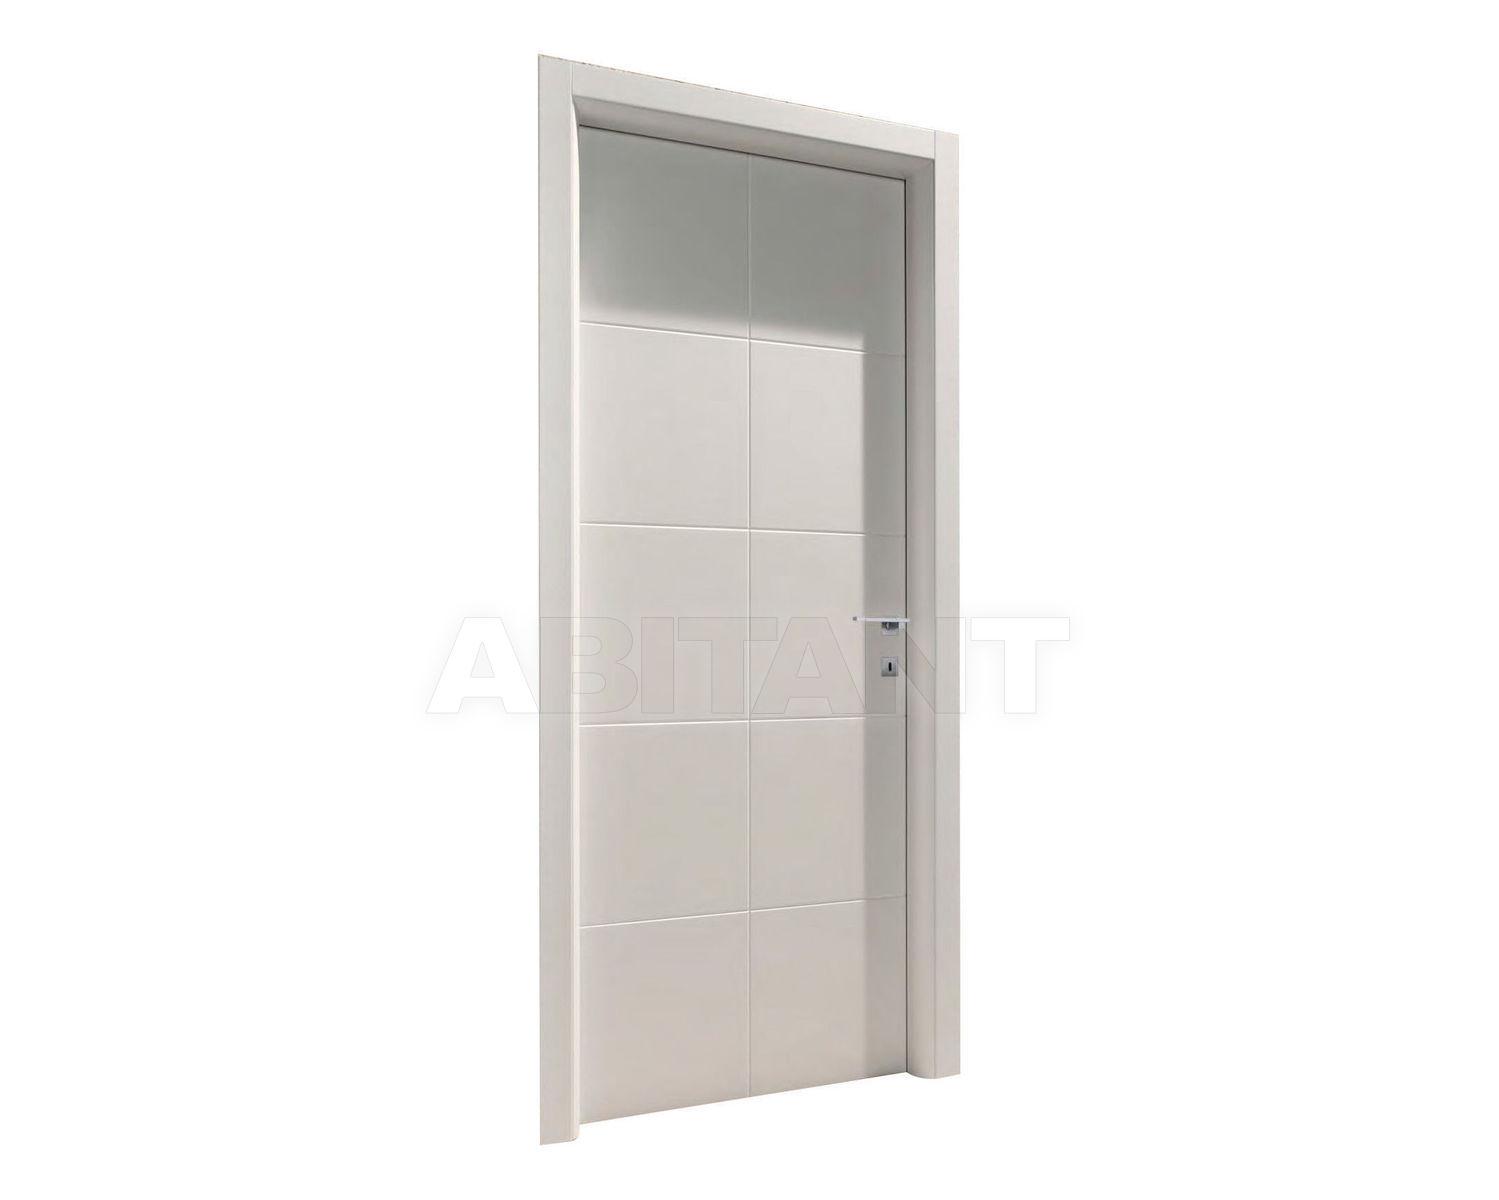 Купить Дверь деревянная Fioravazzi Lisce DANIA INCROCI